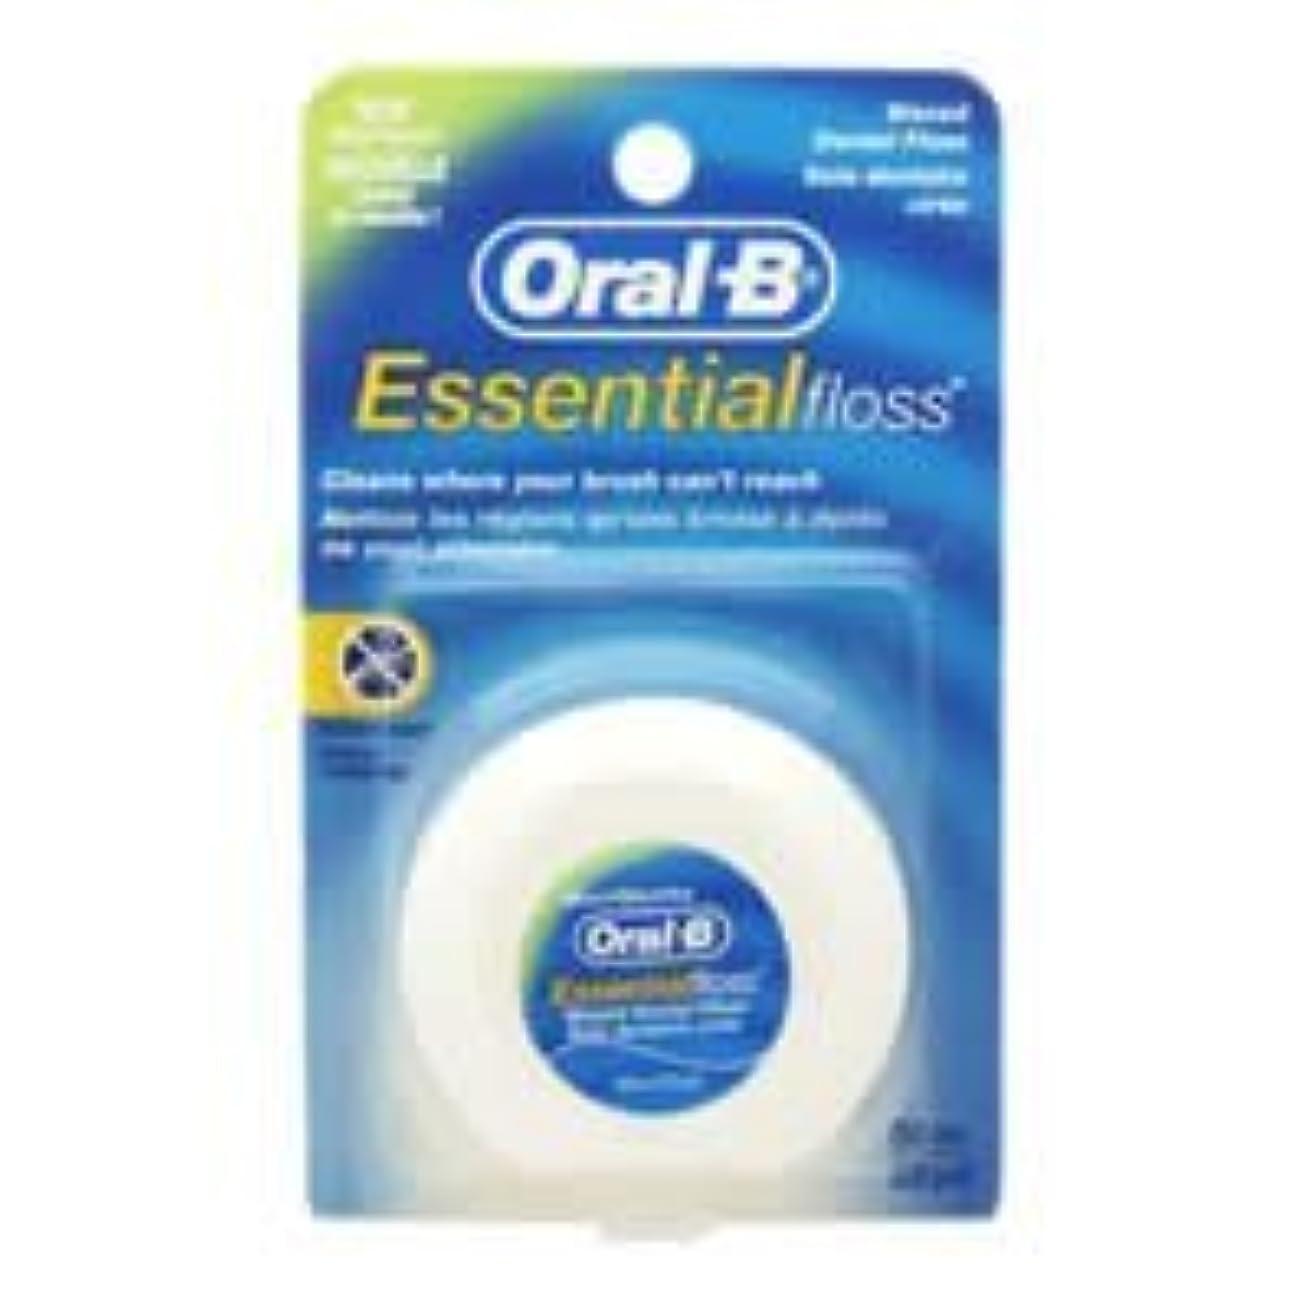 始まり全能想像力豊かなOral-B Essential Waxed Dental Floss Mint by Oral-B